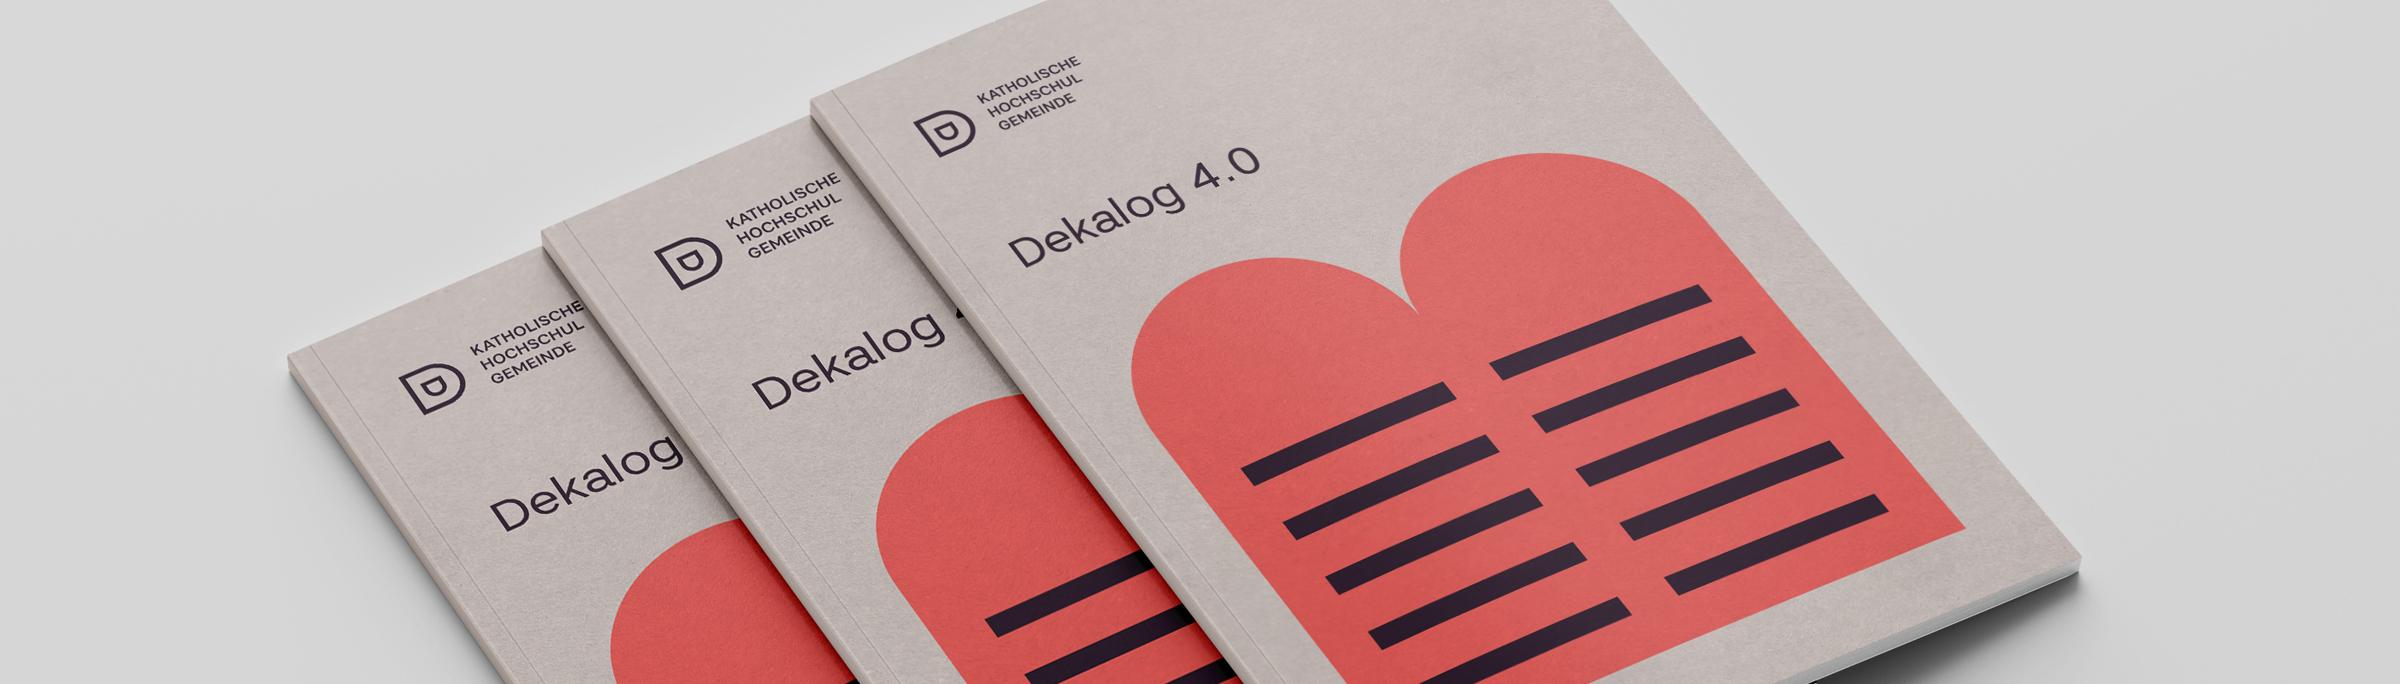 Katholische Hochschulgemeinde Düsseldorf Editorial Design DIN lang Flyer Titelseiten zum Thema Dekalog